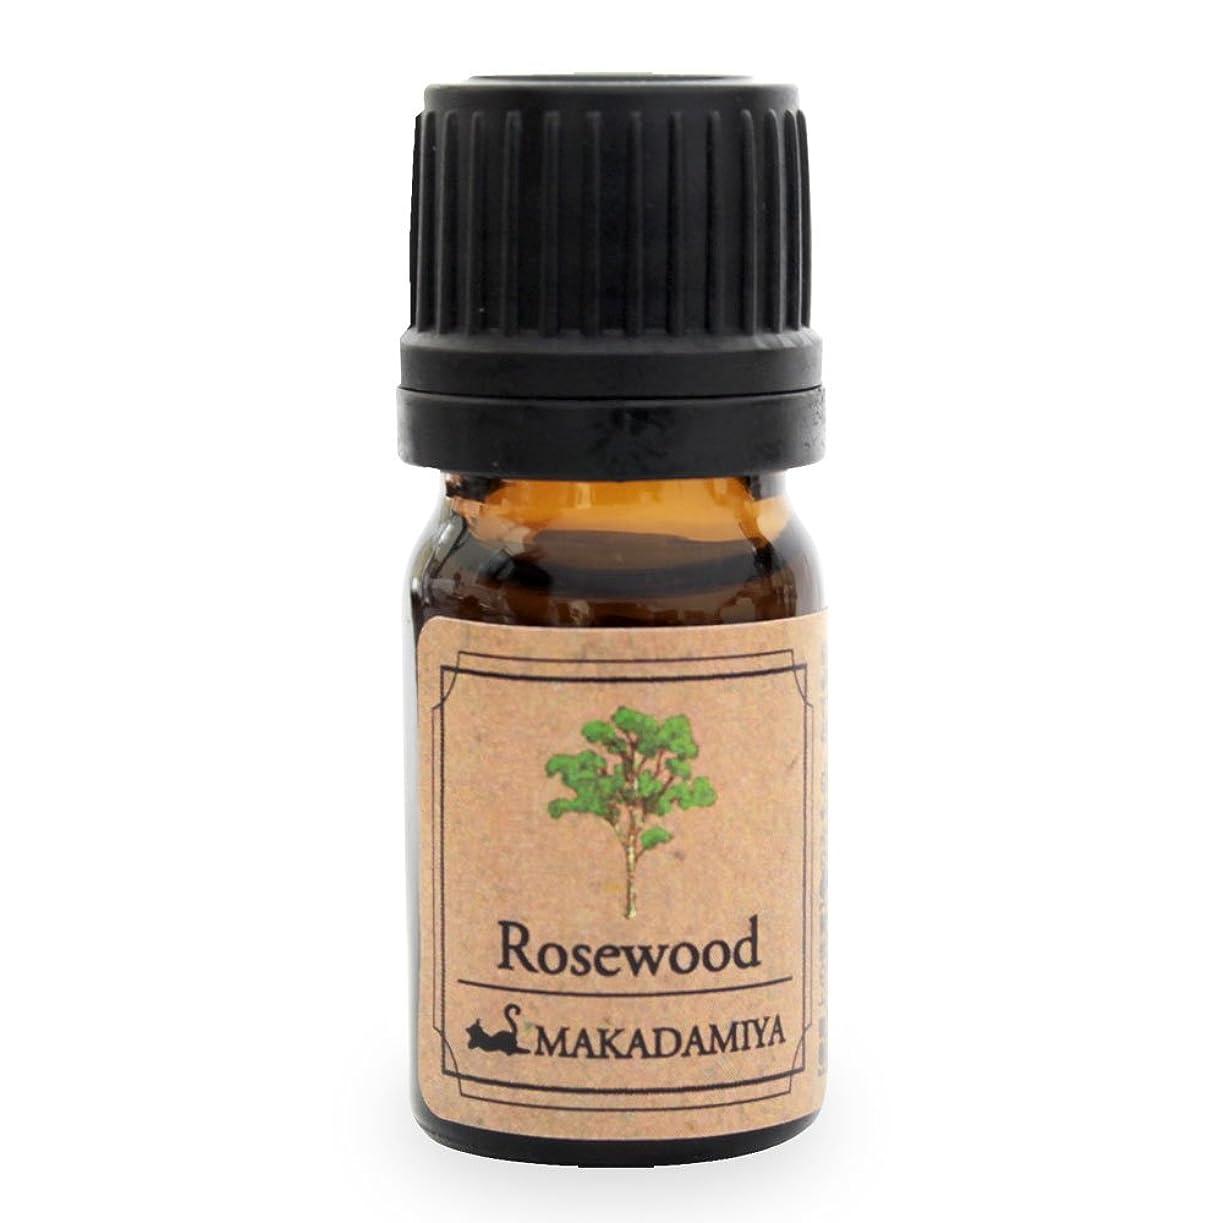 柔和出撃者壊れたローズウッド5ml 天然100%植物性 エッセンシャルオイル(精油) アロマオイル アロママッサージ aroma Rosewood